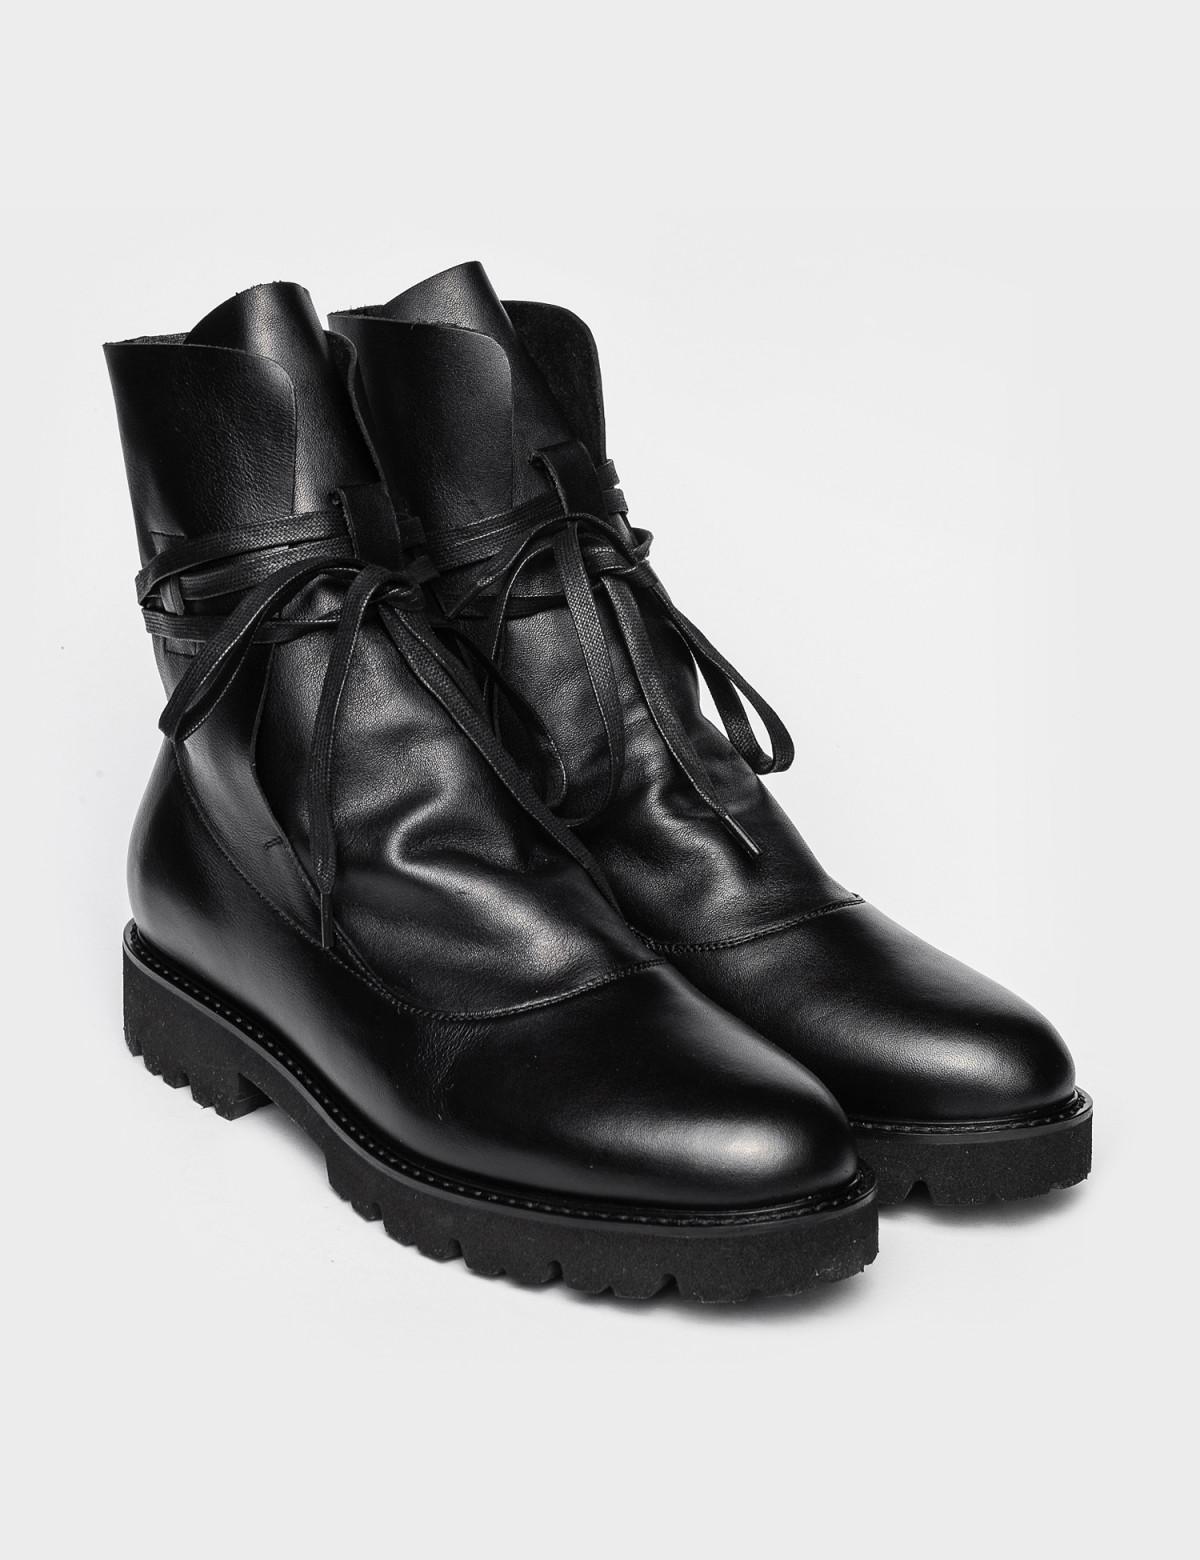 Ботинки черные. Натуральная кожа. 1